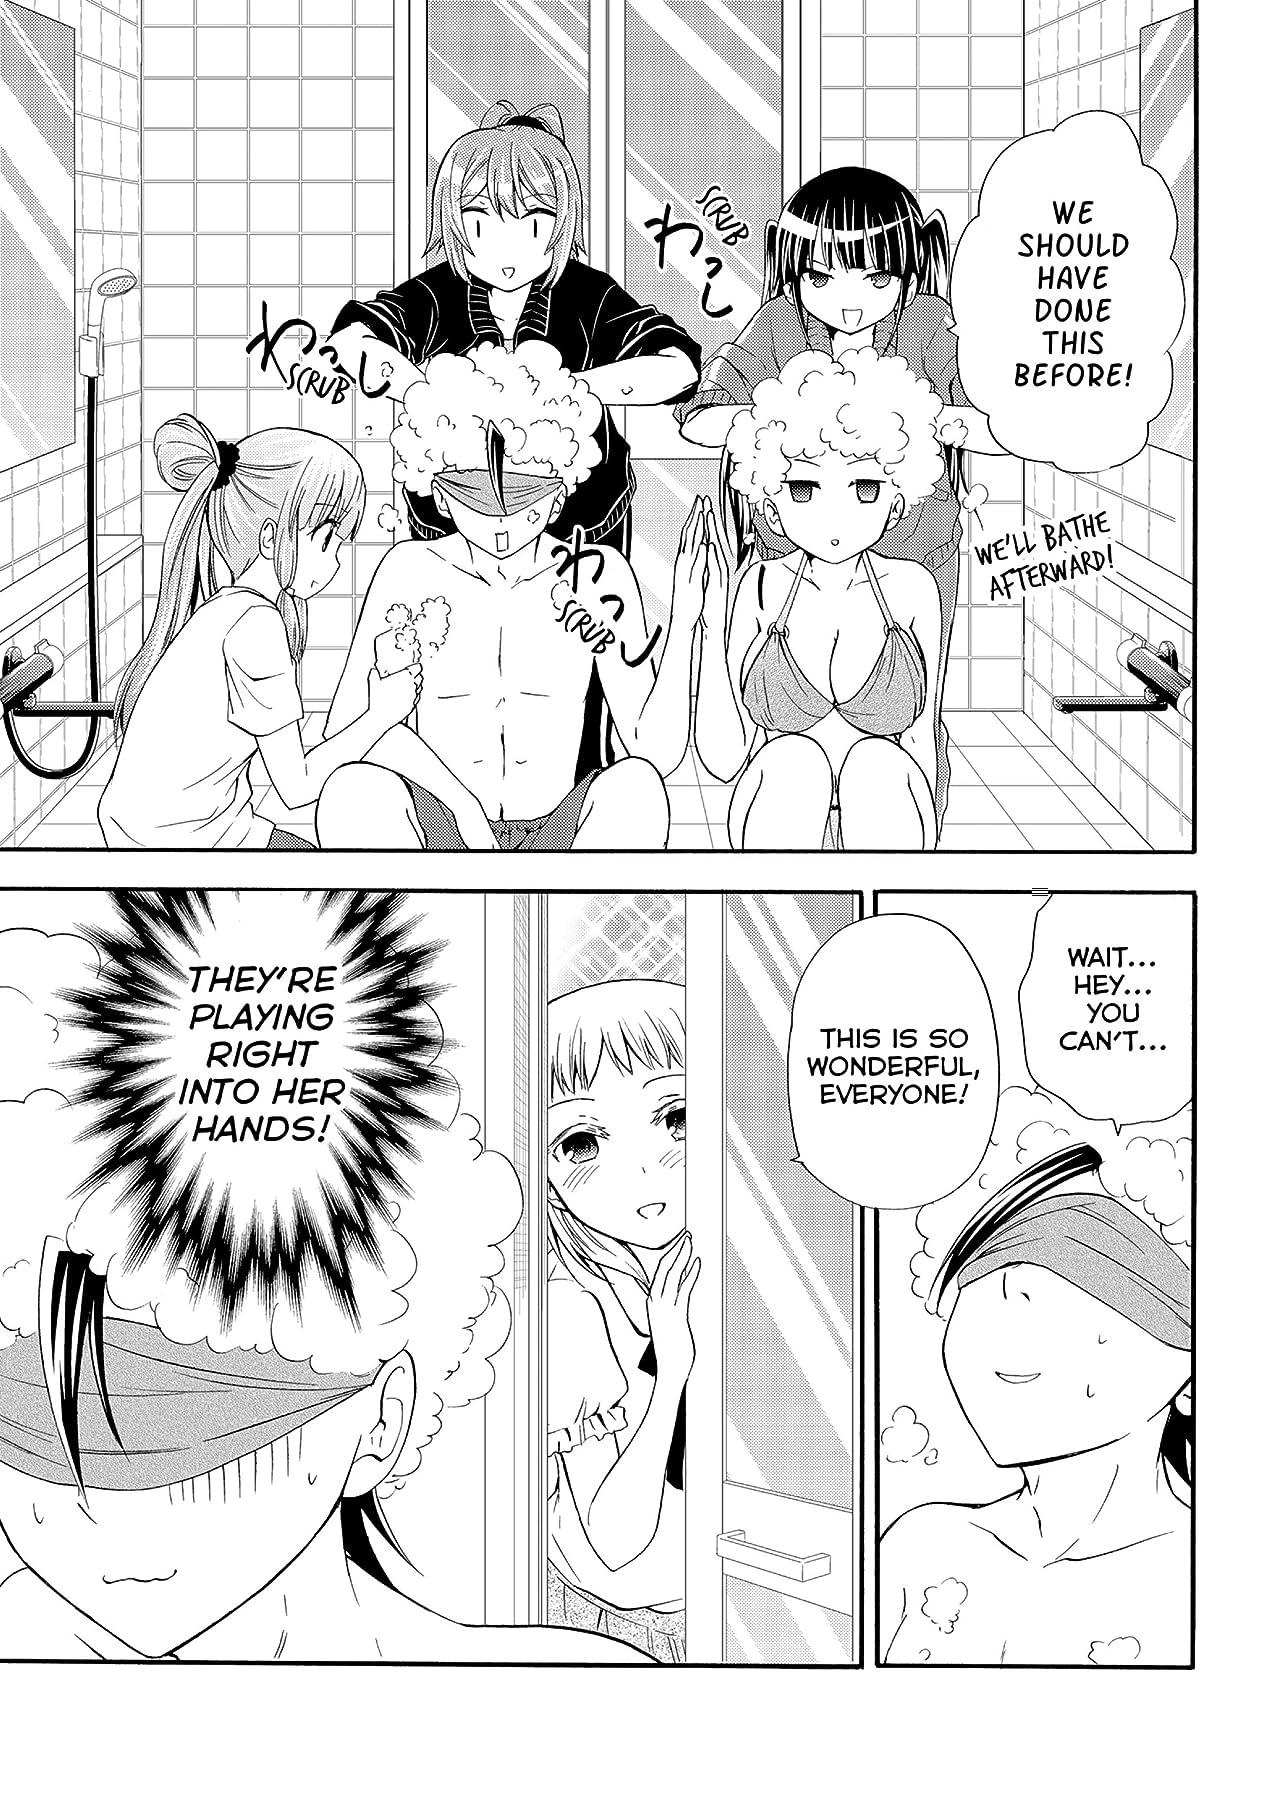 Maga-Tsuki #51